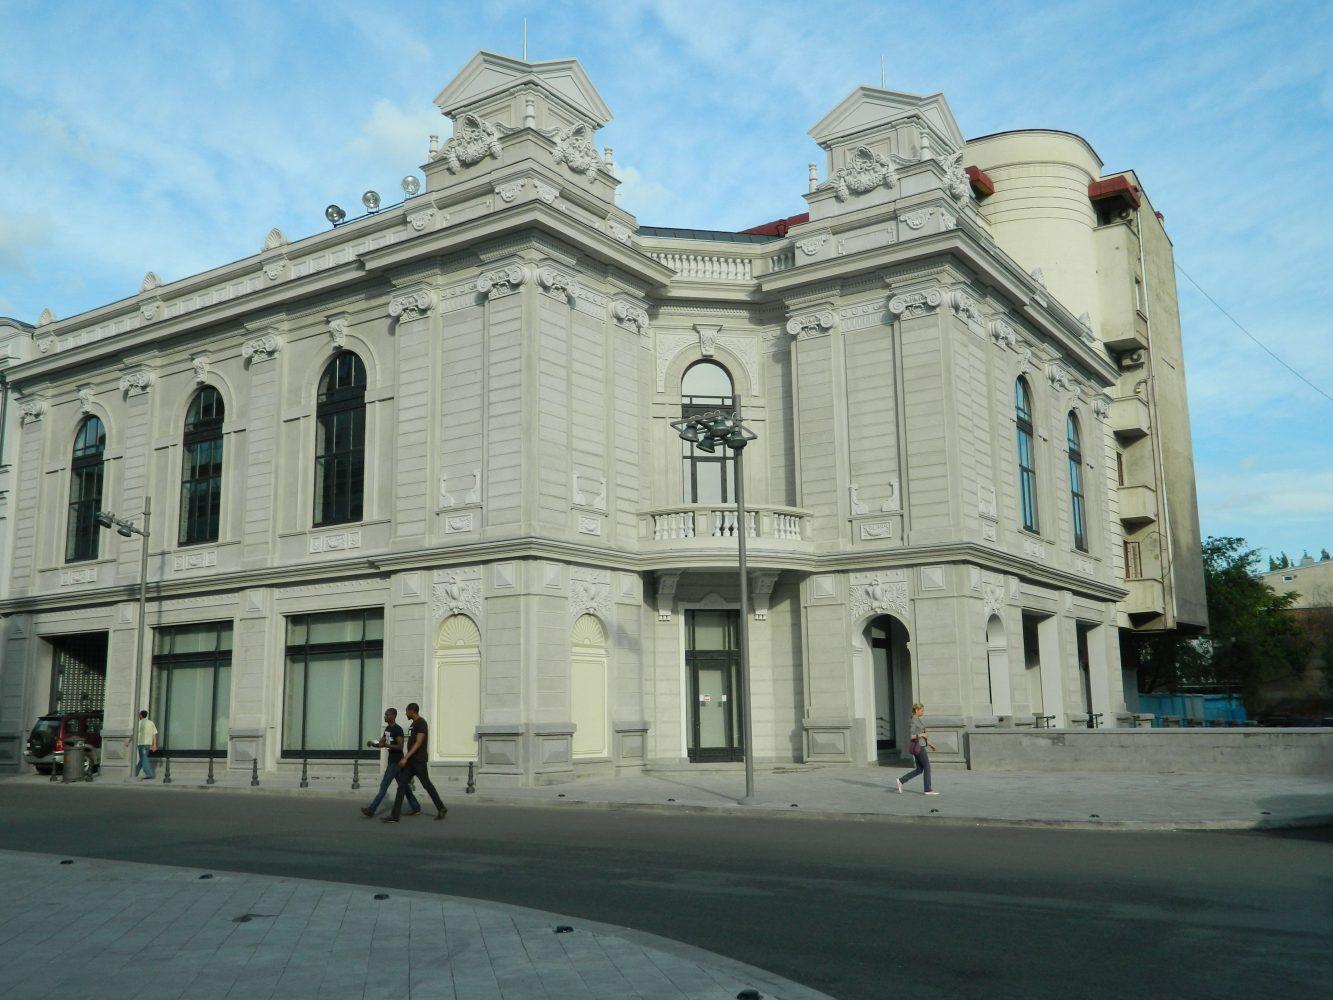 მარჯანიშვილის მოედნის მიმდებარე ისტორიული ძეგლებისა და შენობა-ნაგებობების რეკონსტრუქცია